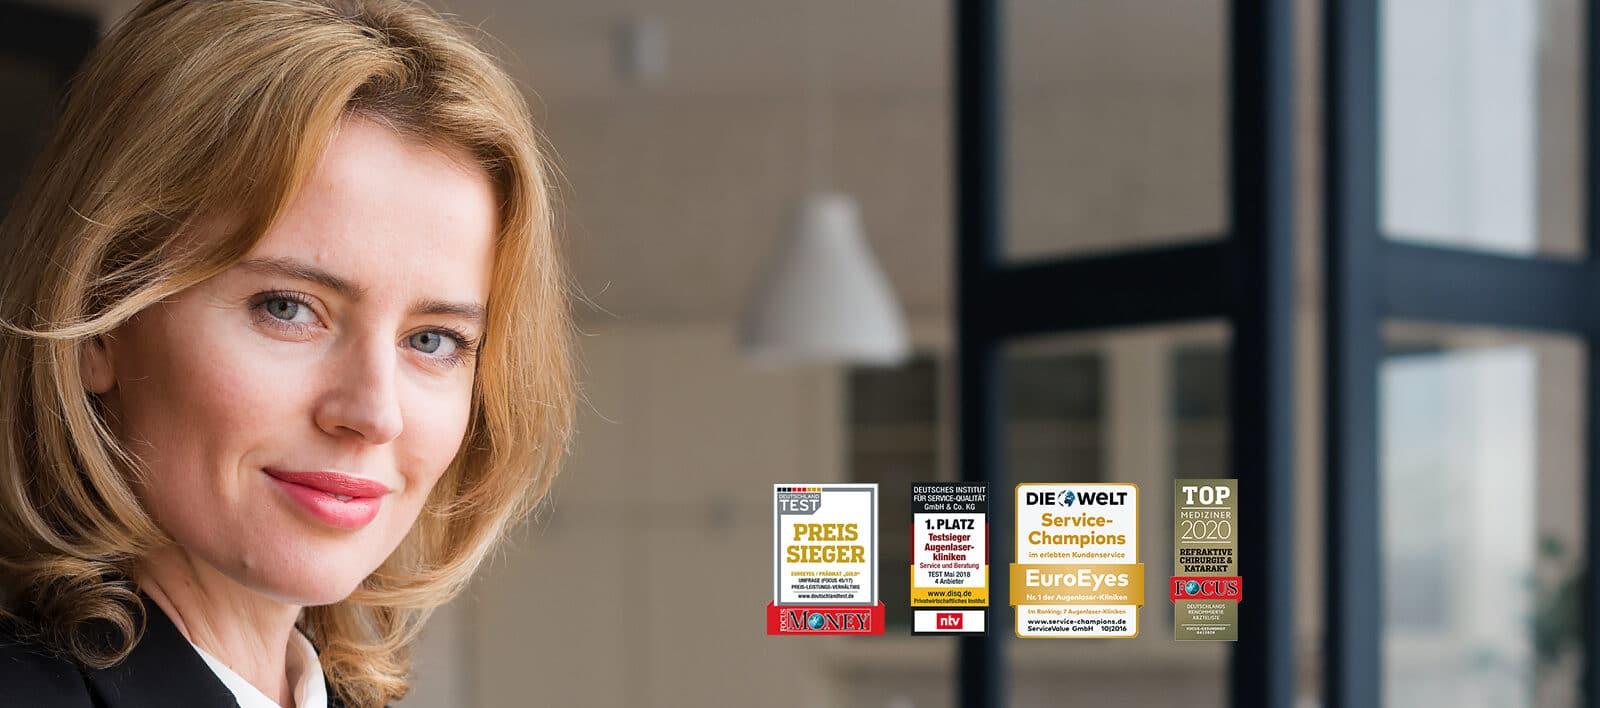 Frau Portrait mit Auszeichnungen